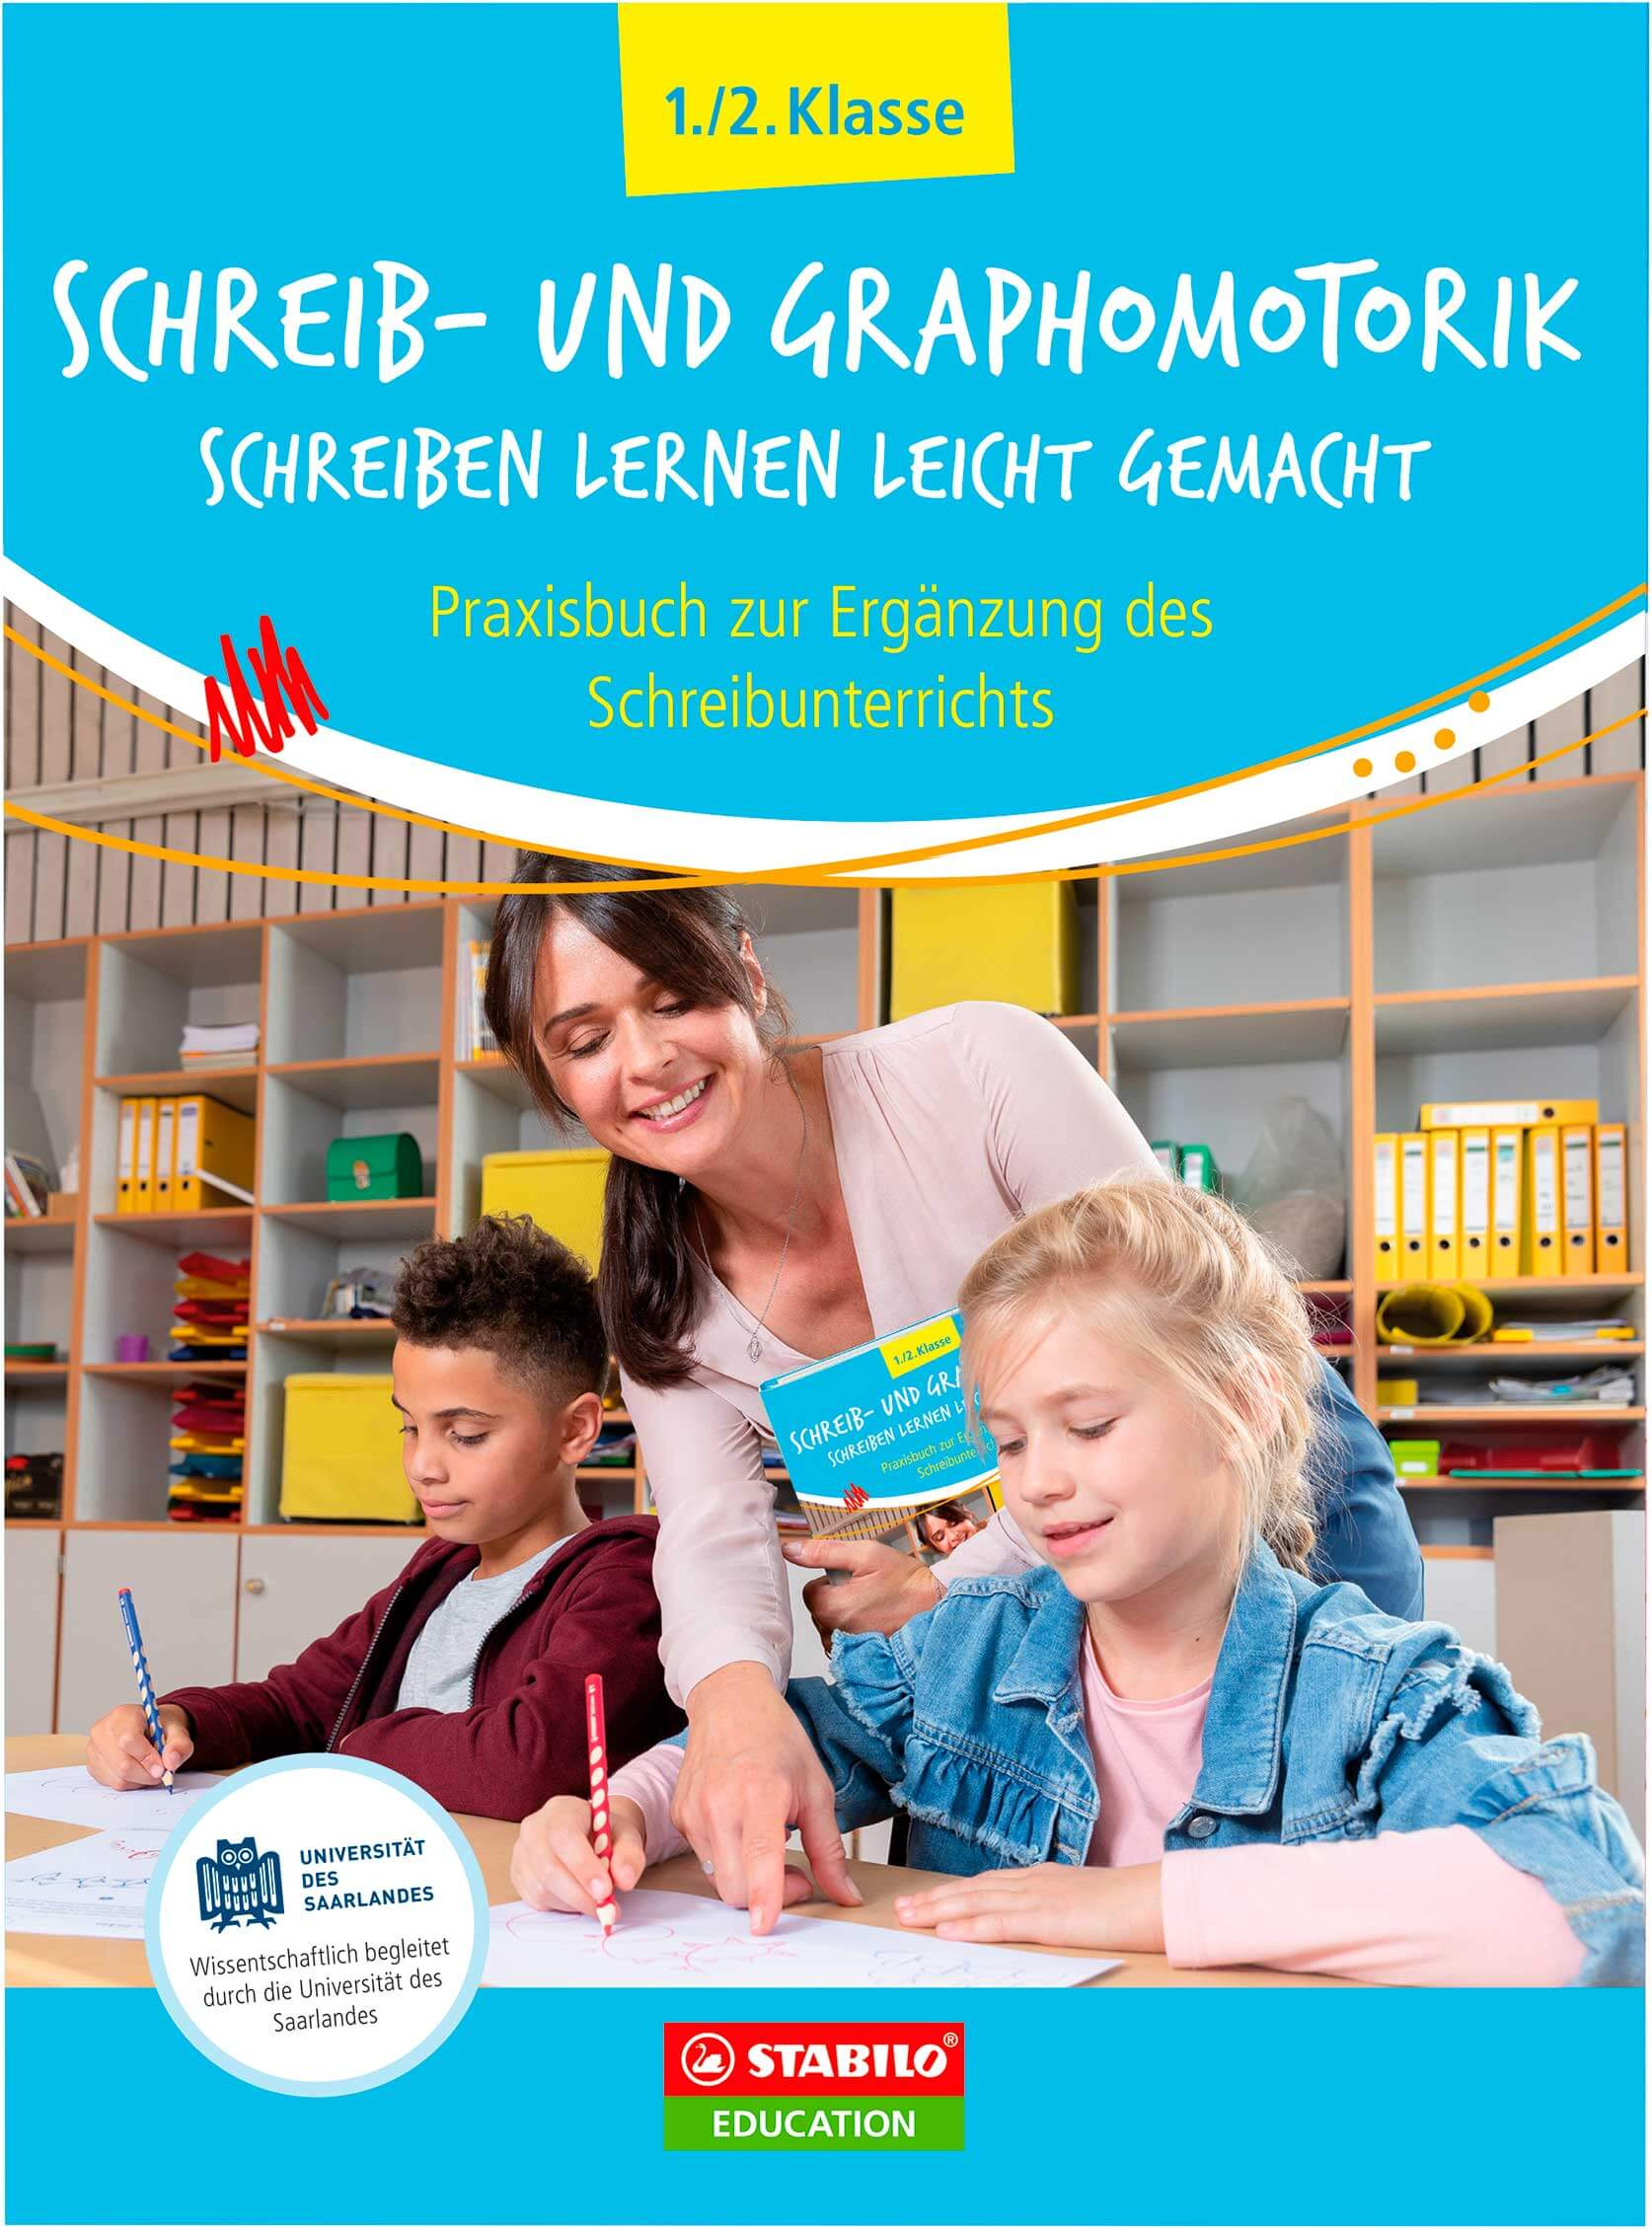 STABILO Schreib- und Graphomotorik: Schreiben lernen leicht gemacht (E-Book)